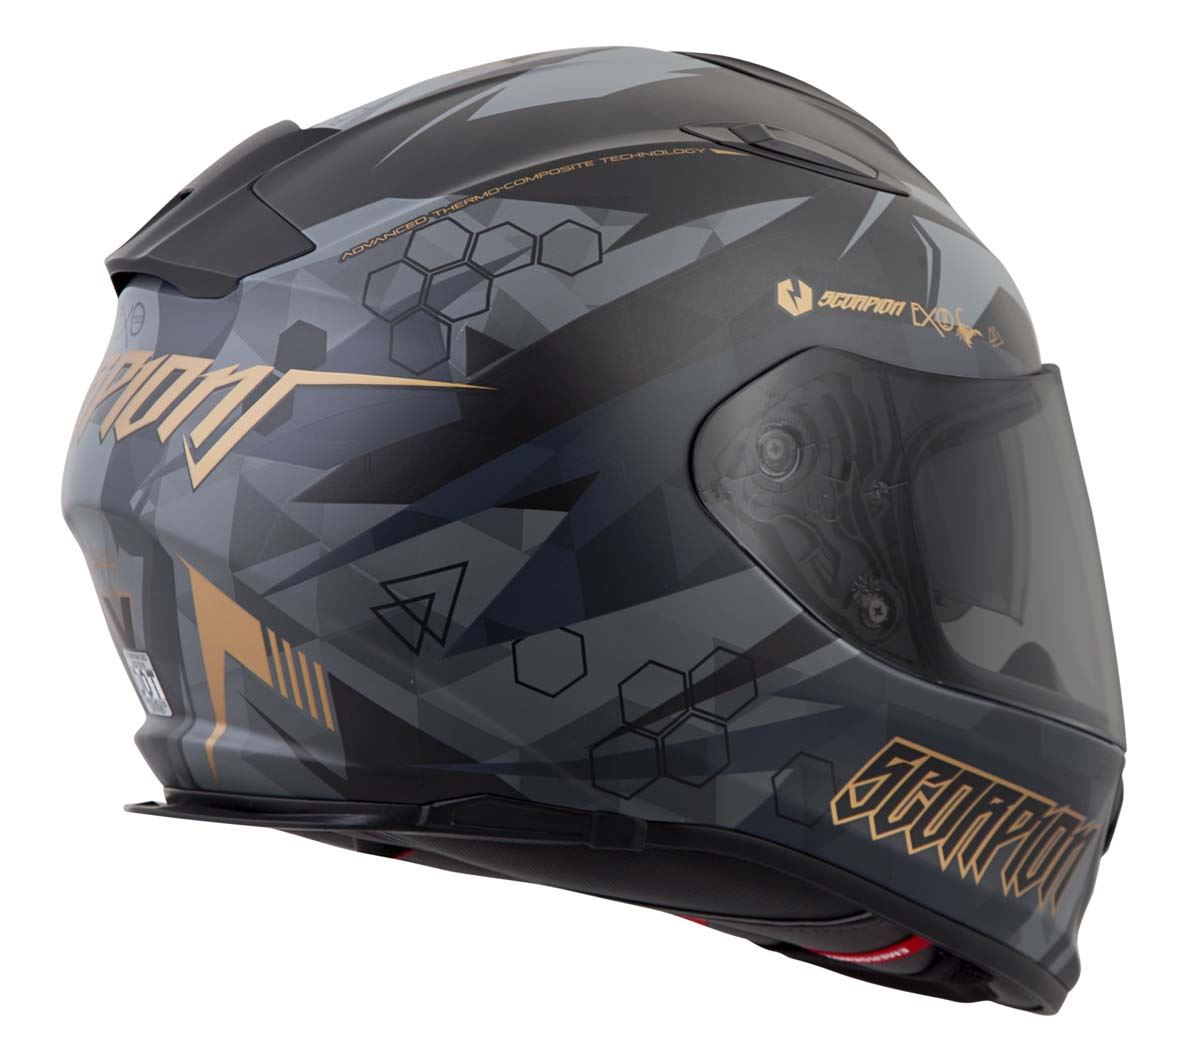 Scorpion-EXO-T510-Helmet-Full-Face-DOT-Approved-Inner-Sun-Shield miniature 47